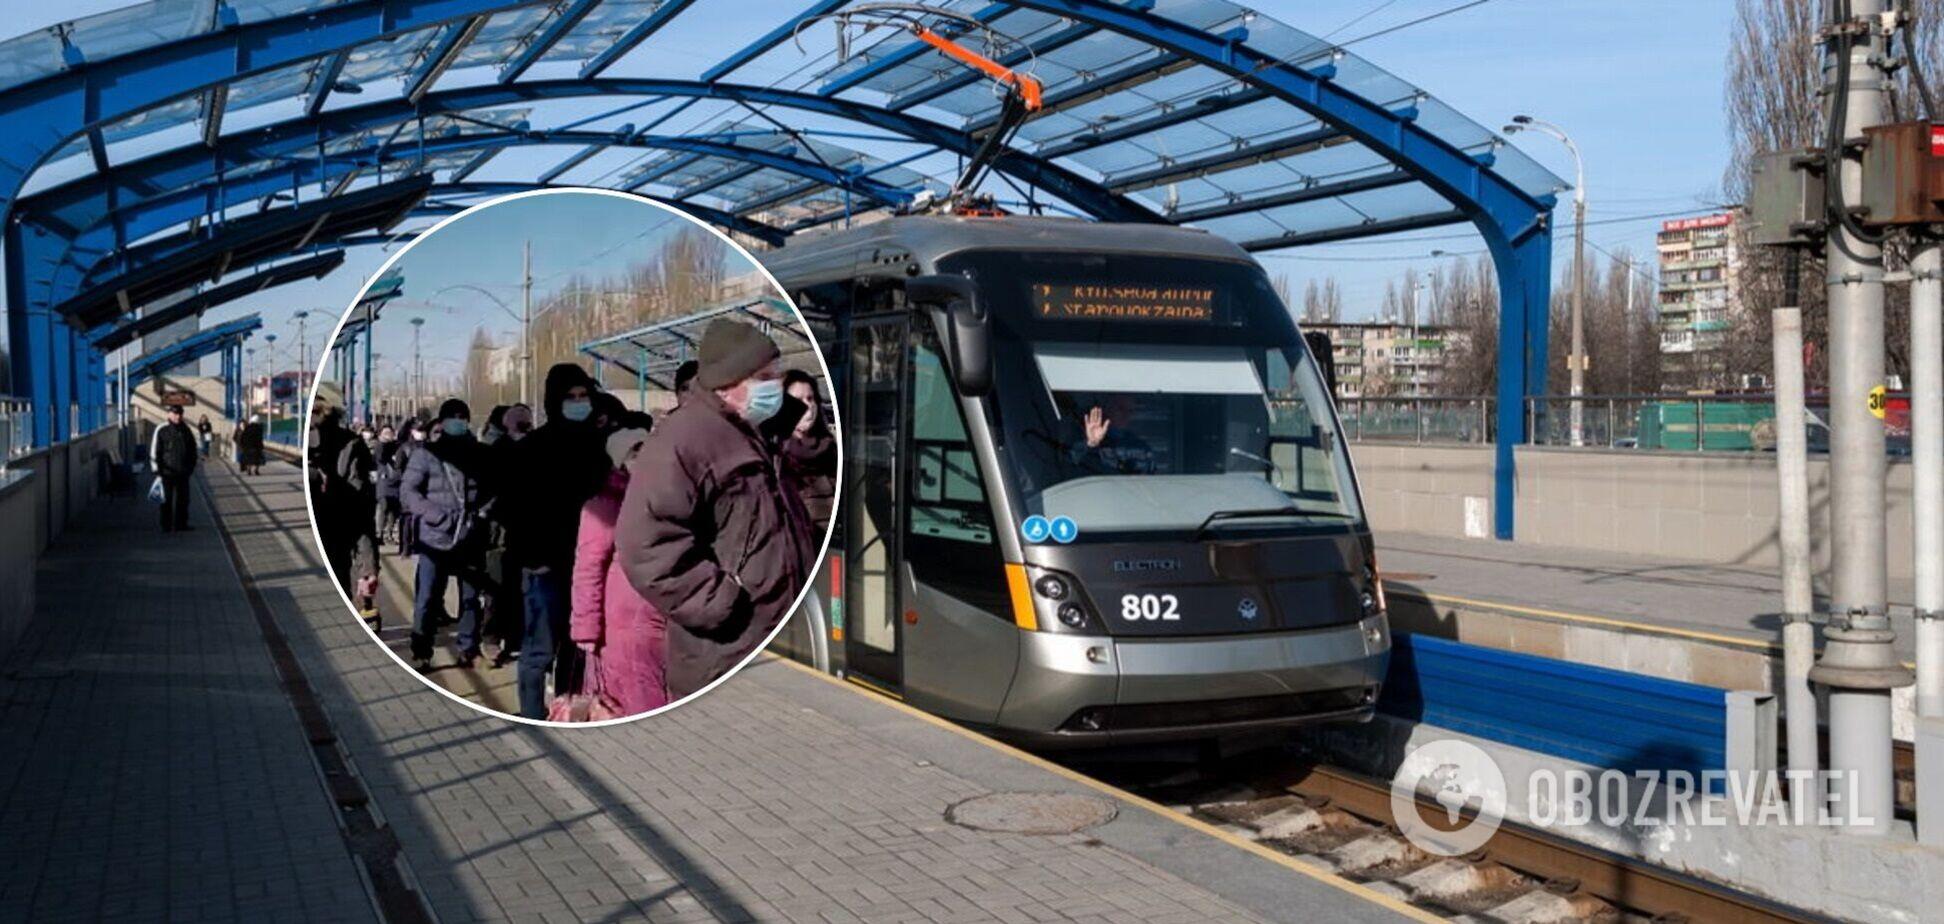 У Києві запустять швидкісний трамвай у центр міста: оголошено важливий тендер